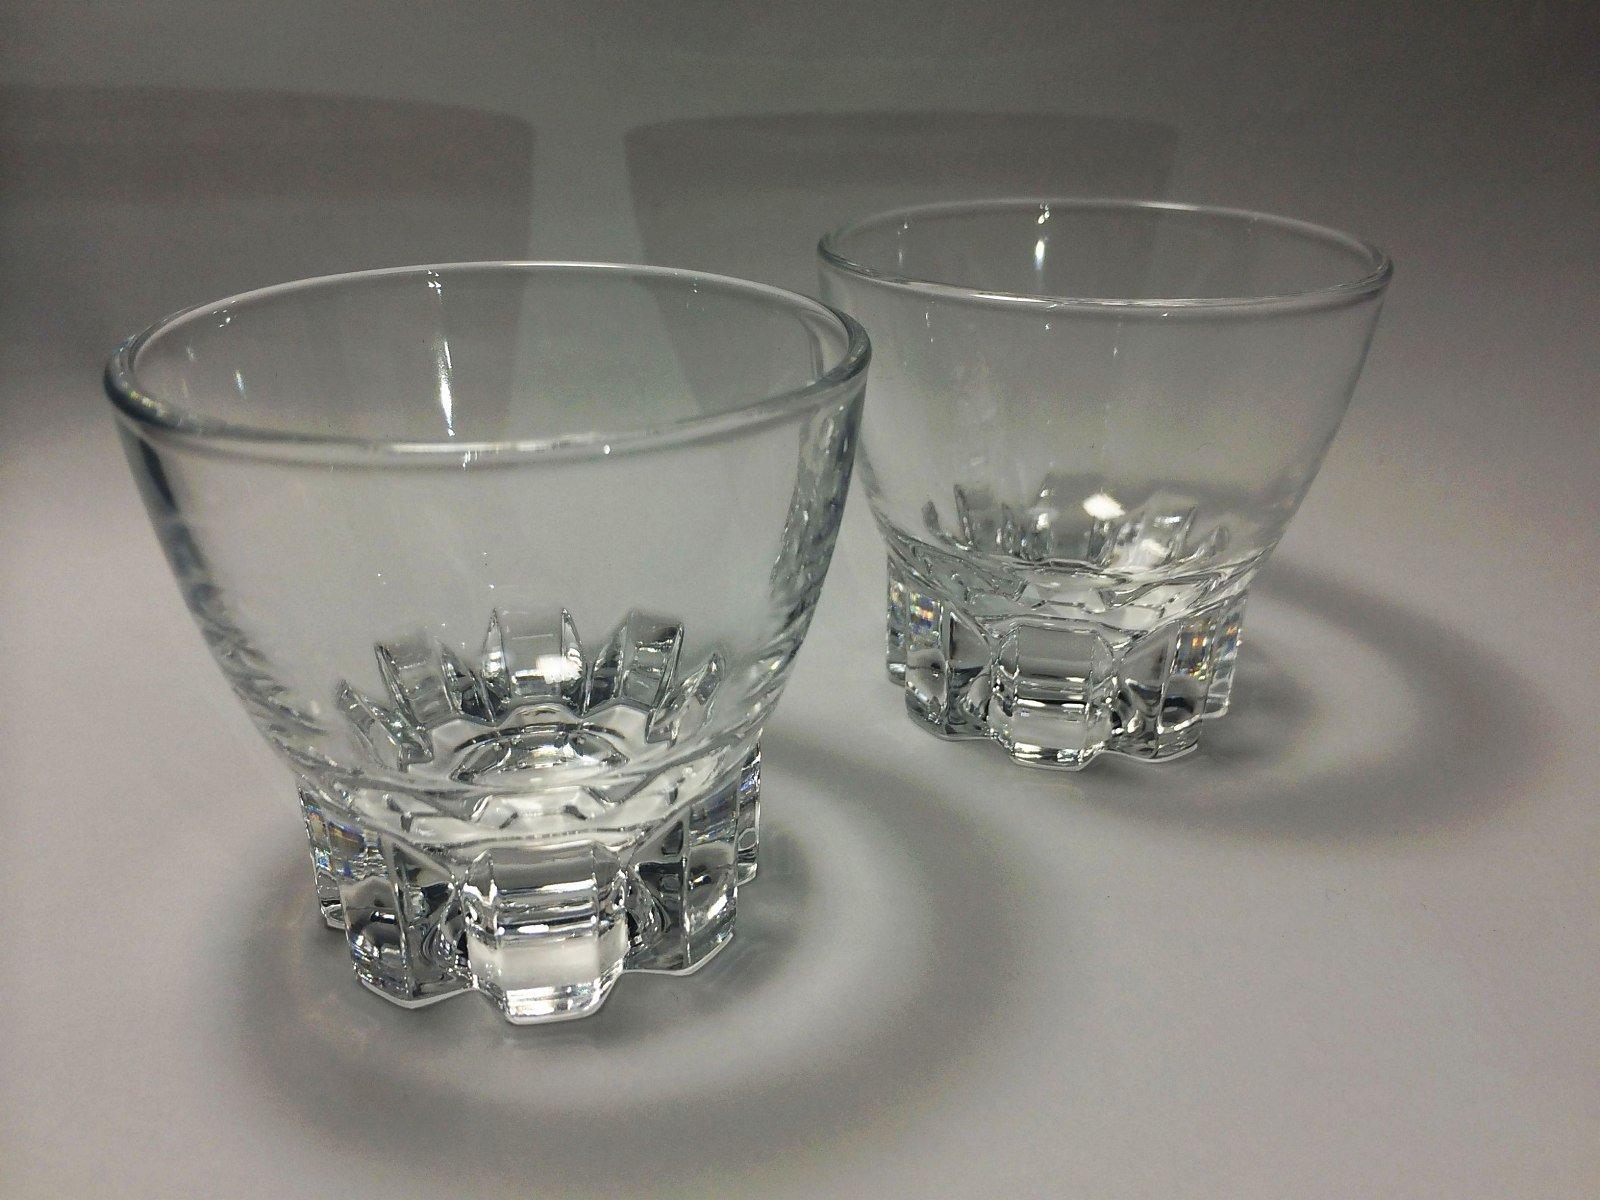 Sake CUP Sakazuki 2pcs SET Gls-1011-000cr Japanese Sake Ochoko Guinomi